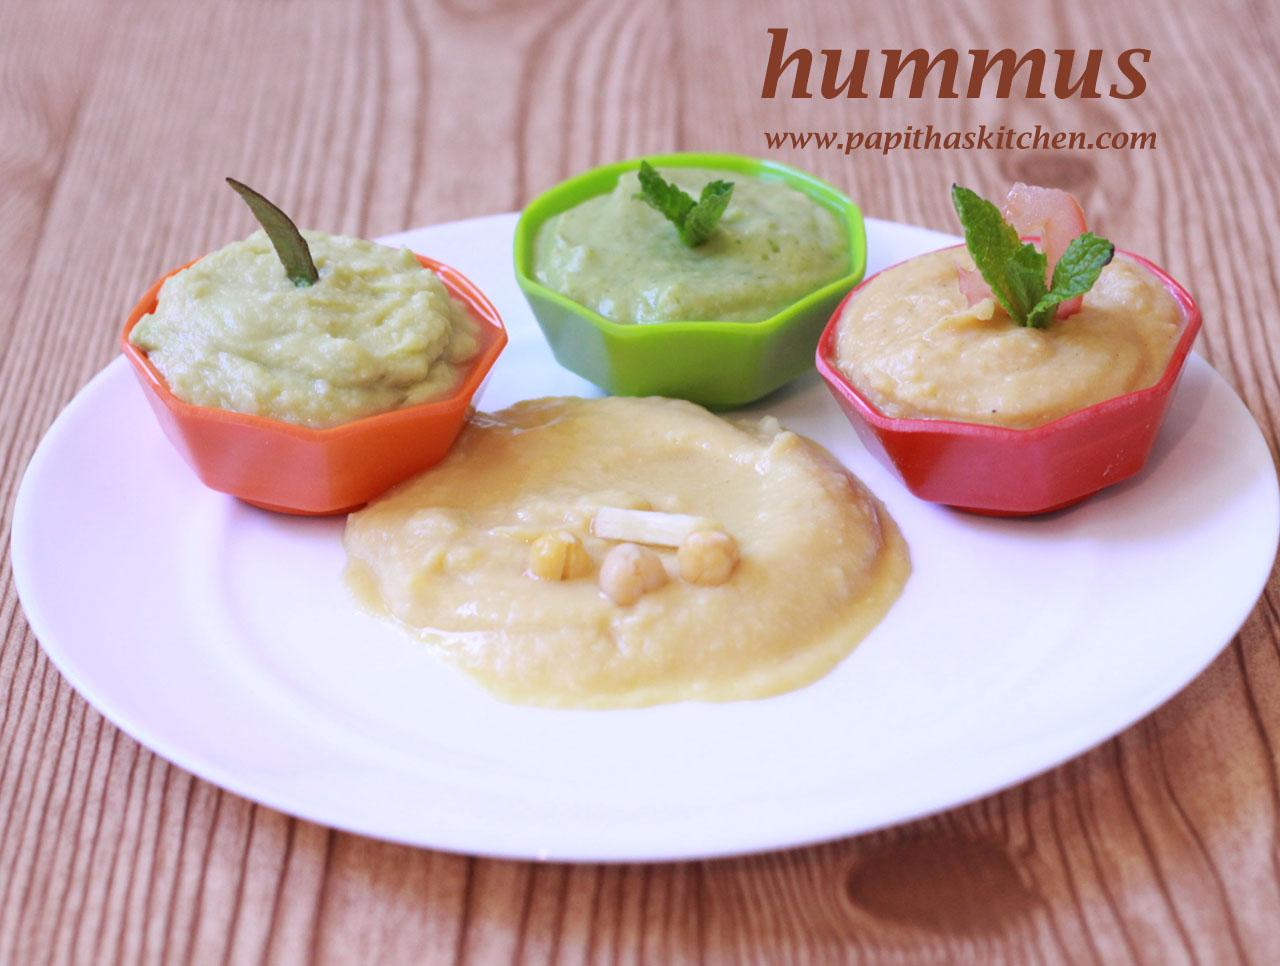 Hummus Recipe 2